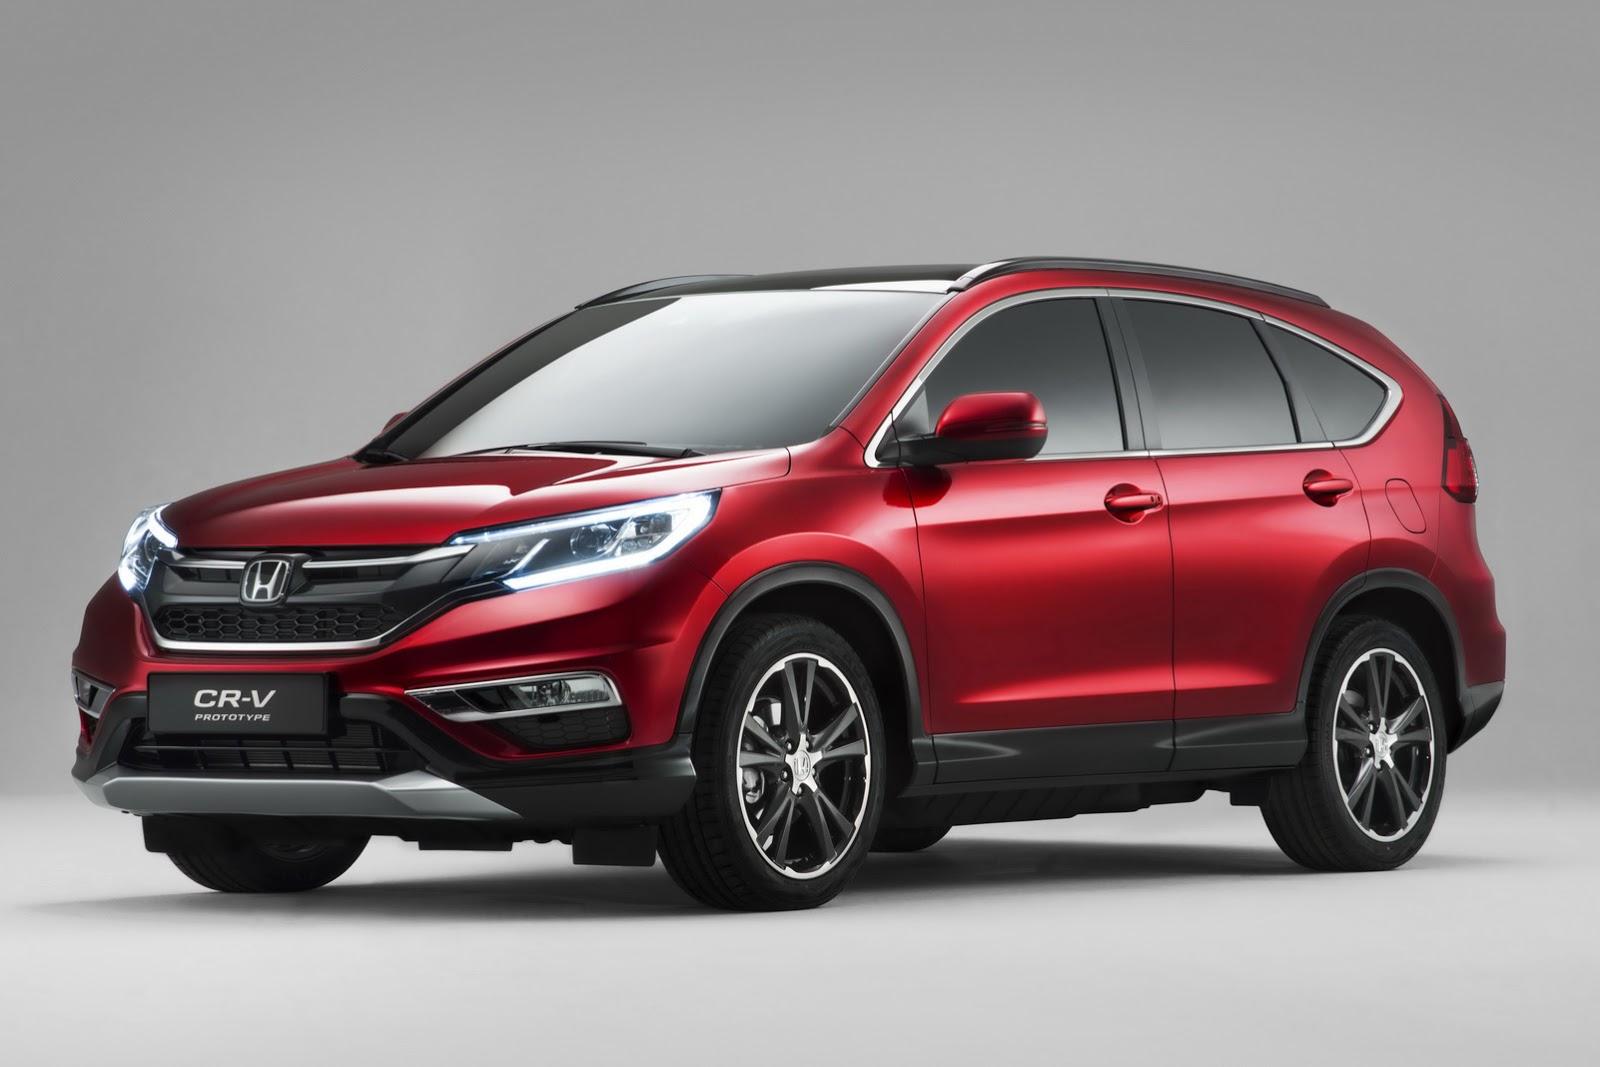 2015-Honda-CR-V-Facelift-Europe-1 (4)